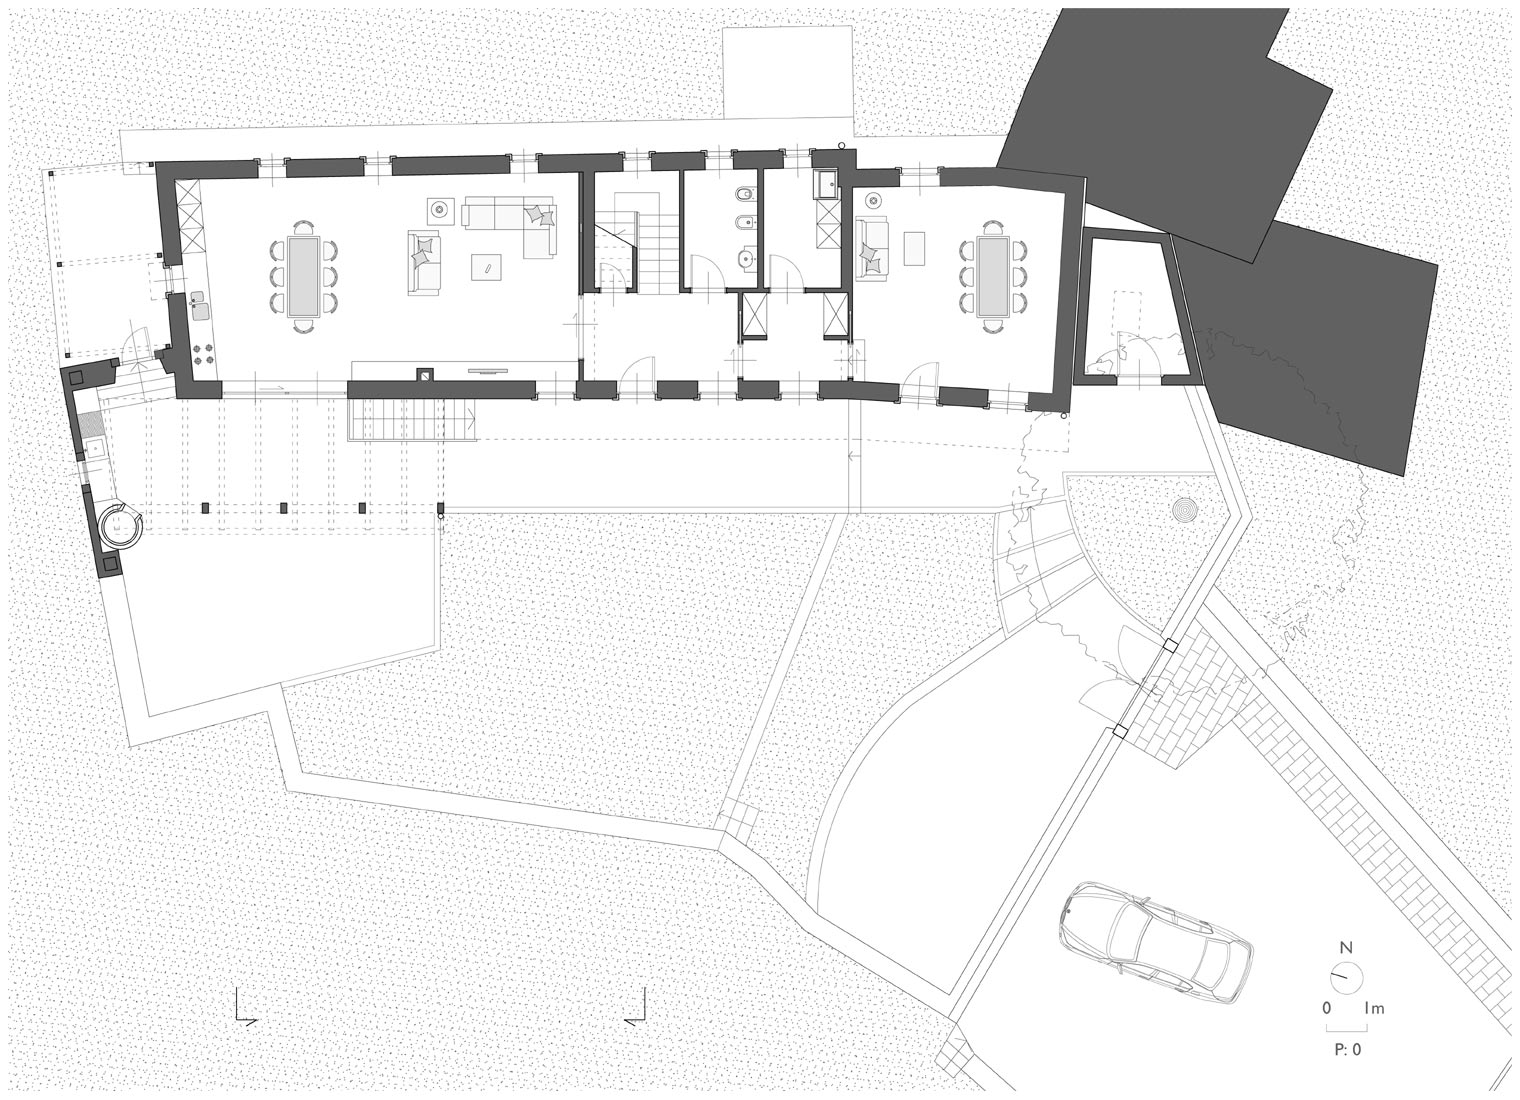 vk-architetti_samatorza_plan1